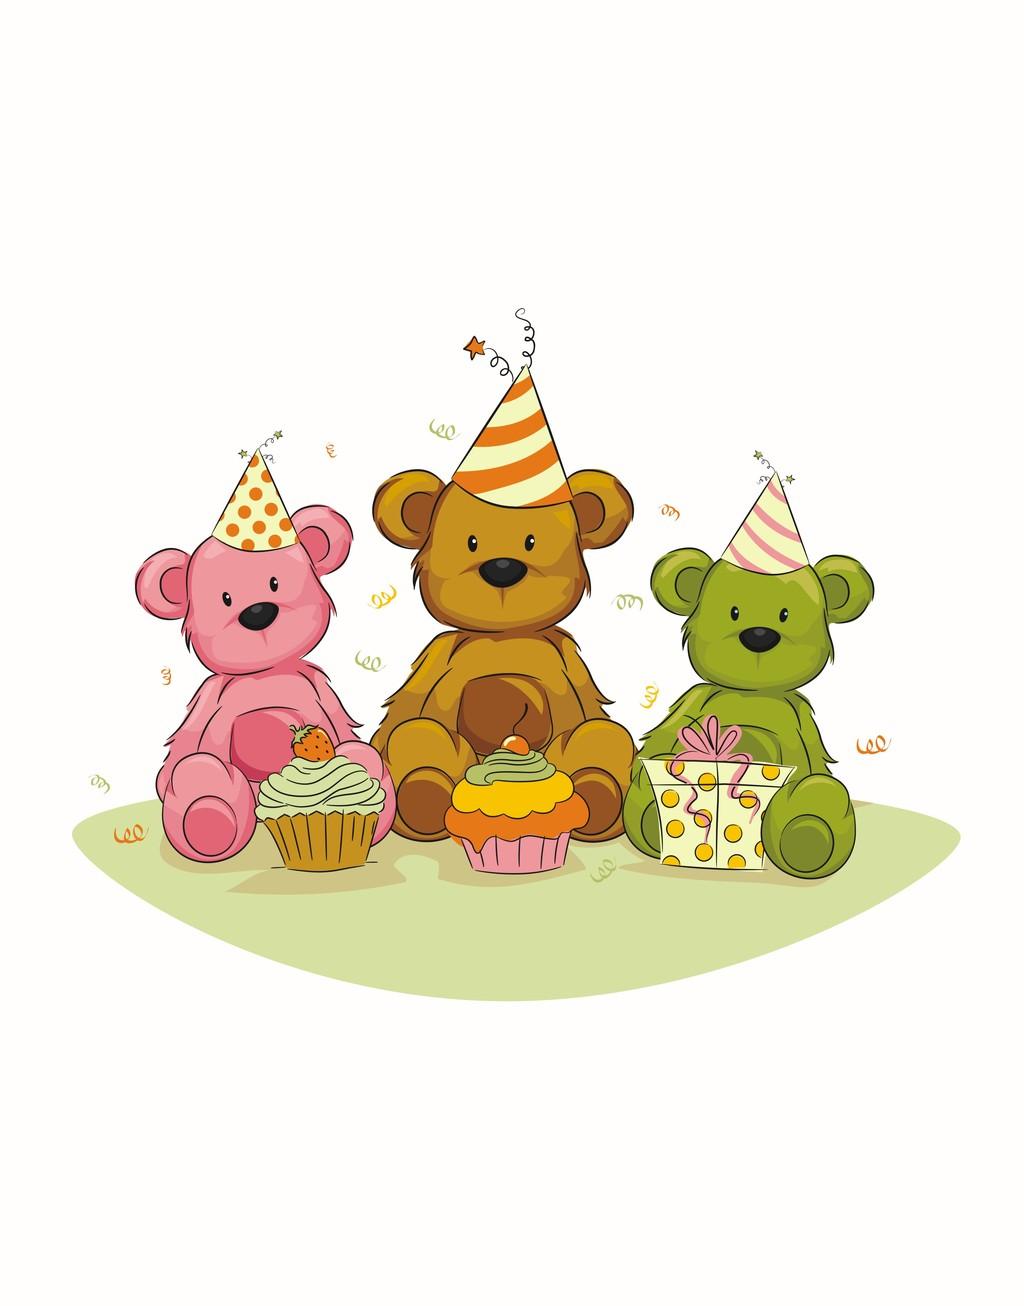 圣诞节元素手绘图案设计插画卡通动物小熊